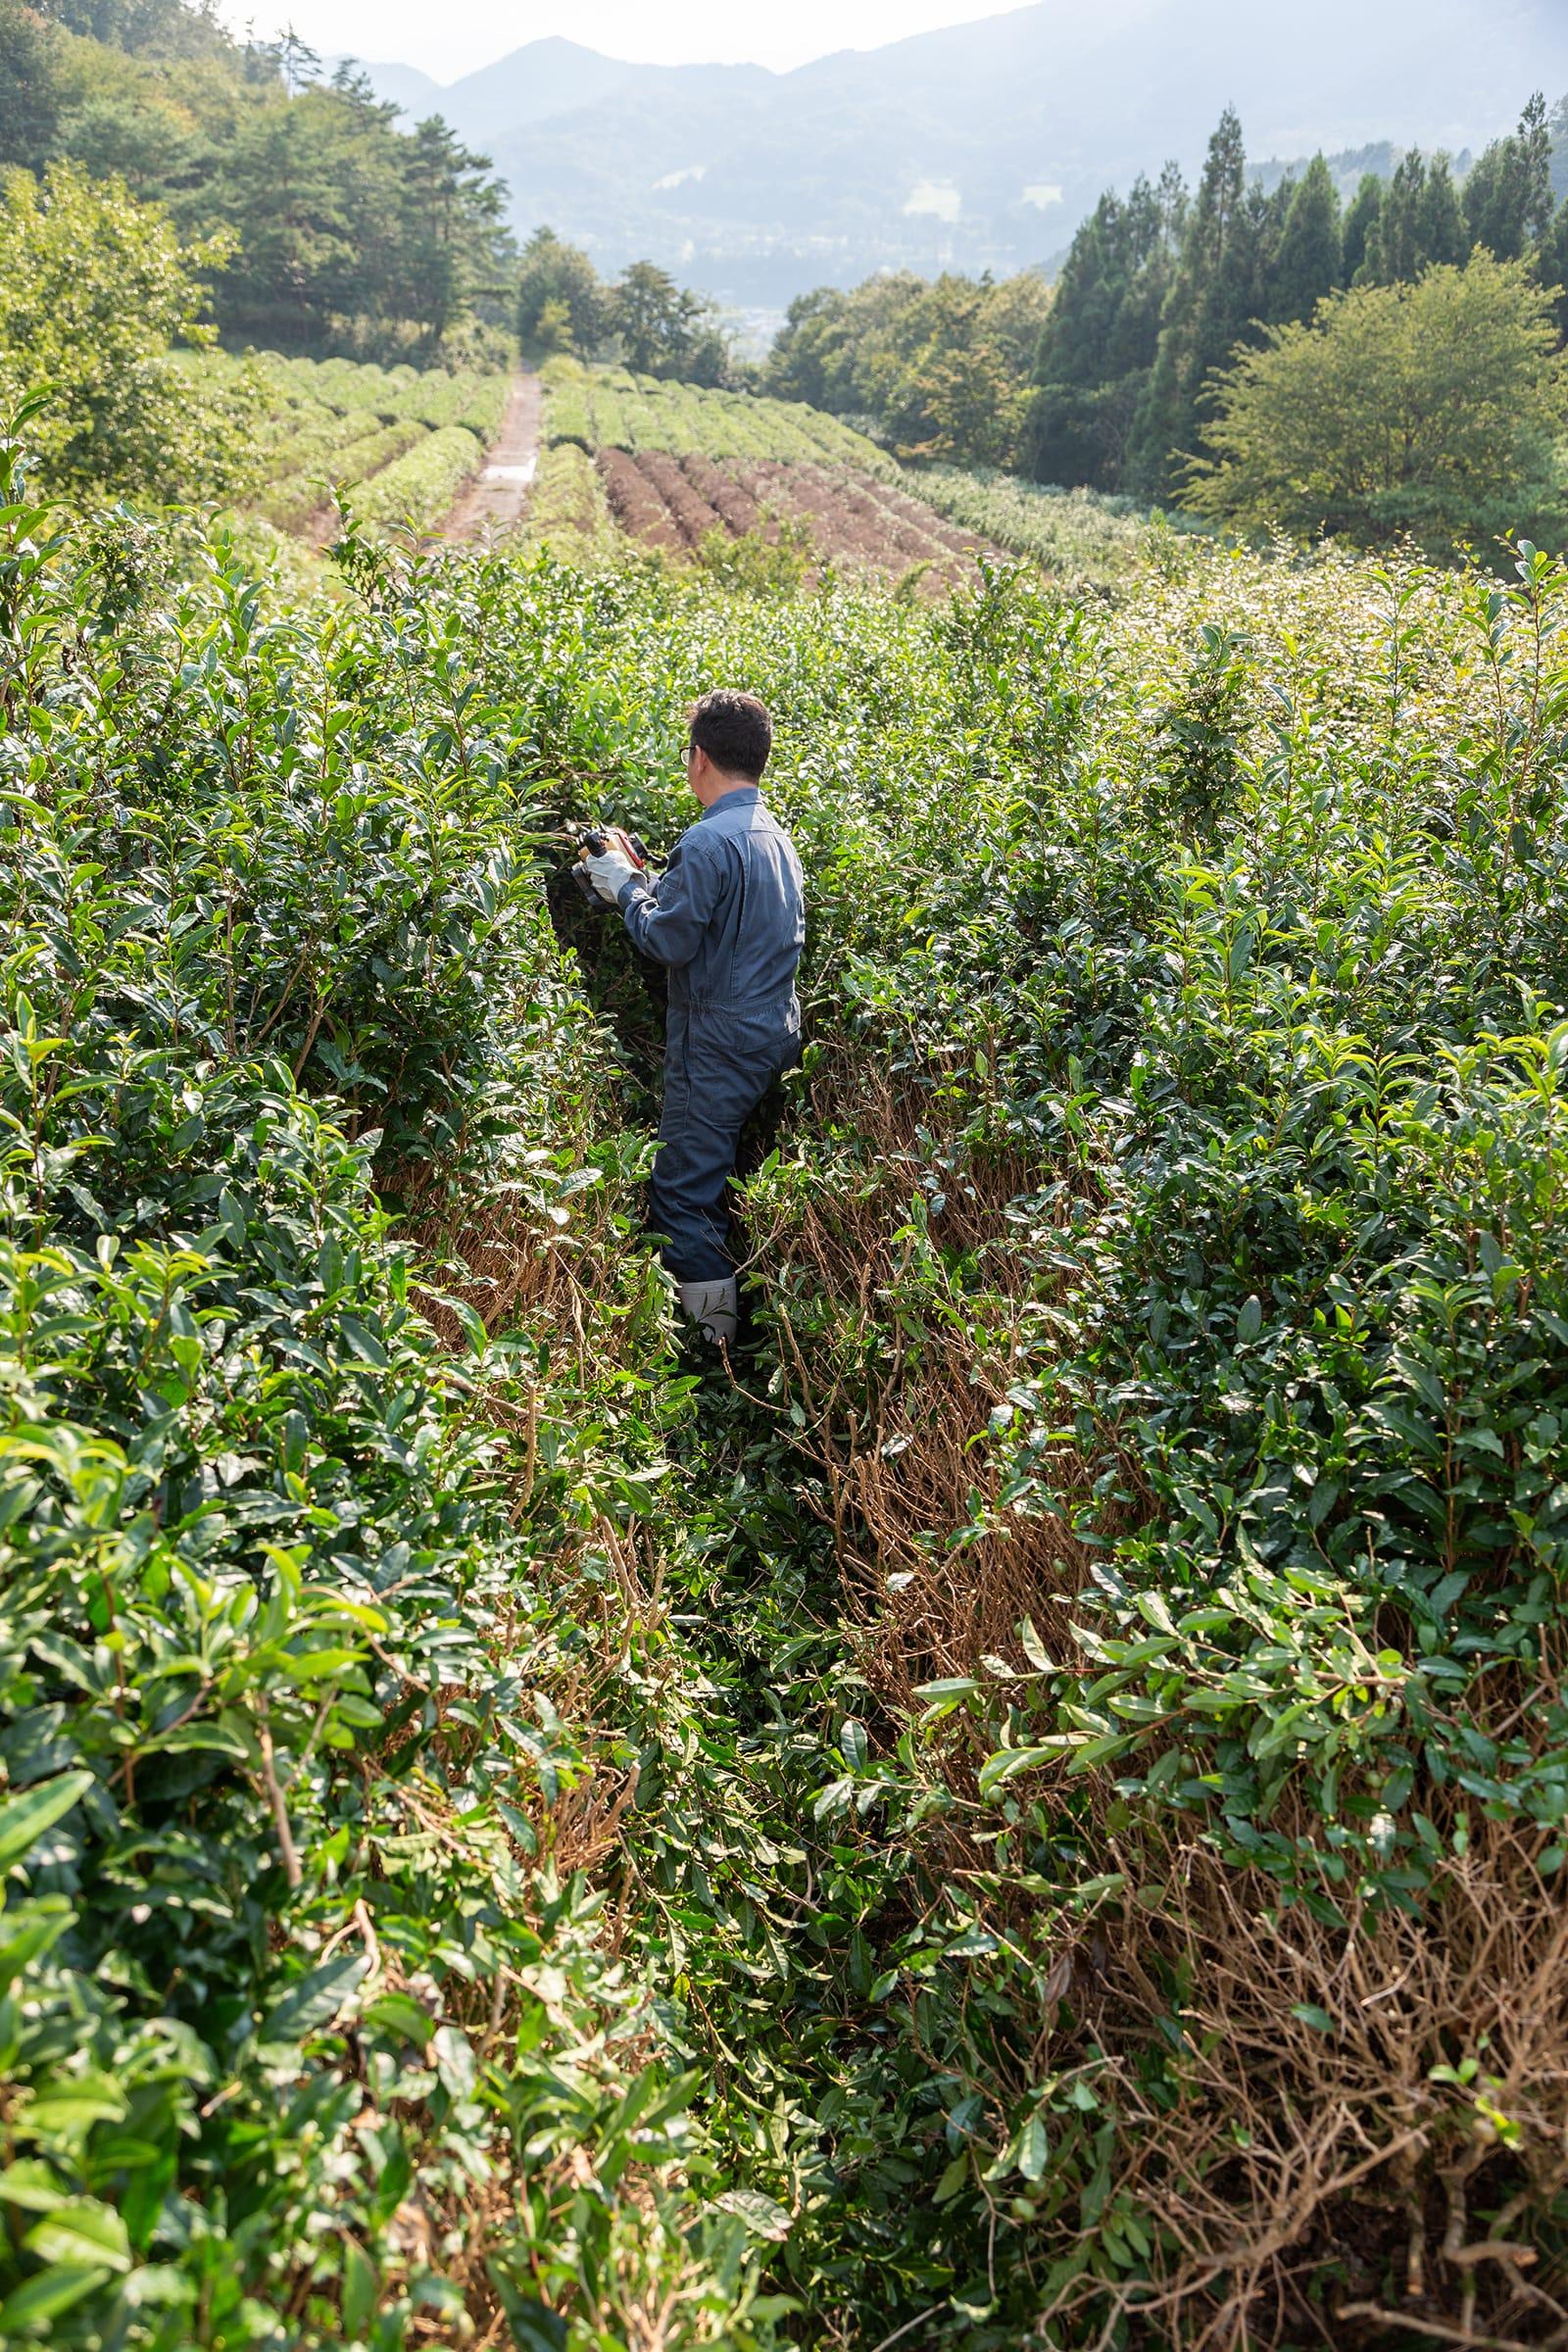 背丈を超えるほどの高さまでのびた茶葉を、整枝機で刈り取っていく。茶摘みは2人での作業が必要なため、SNSでアルバイトを募集。そんなフットワークの軽さも野村さんらしい。